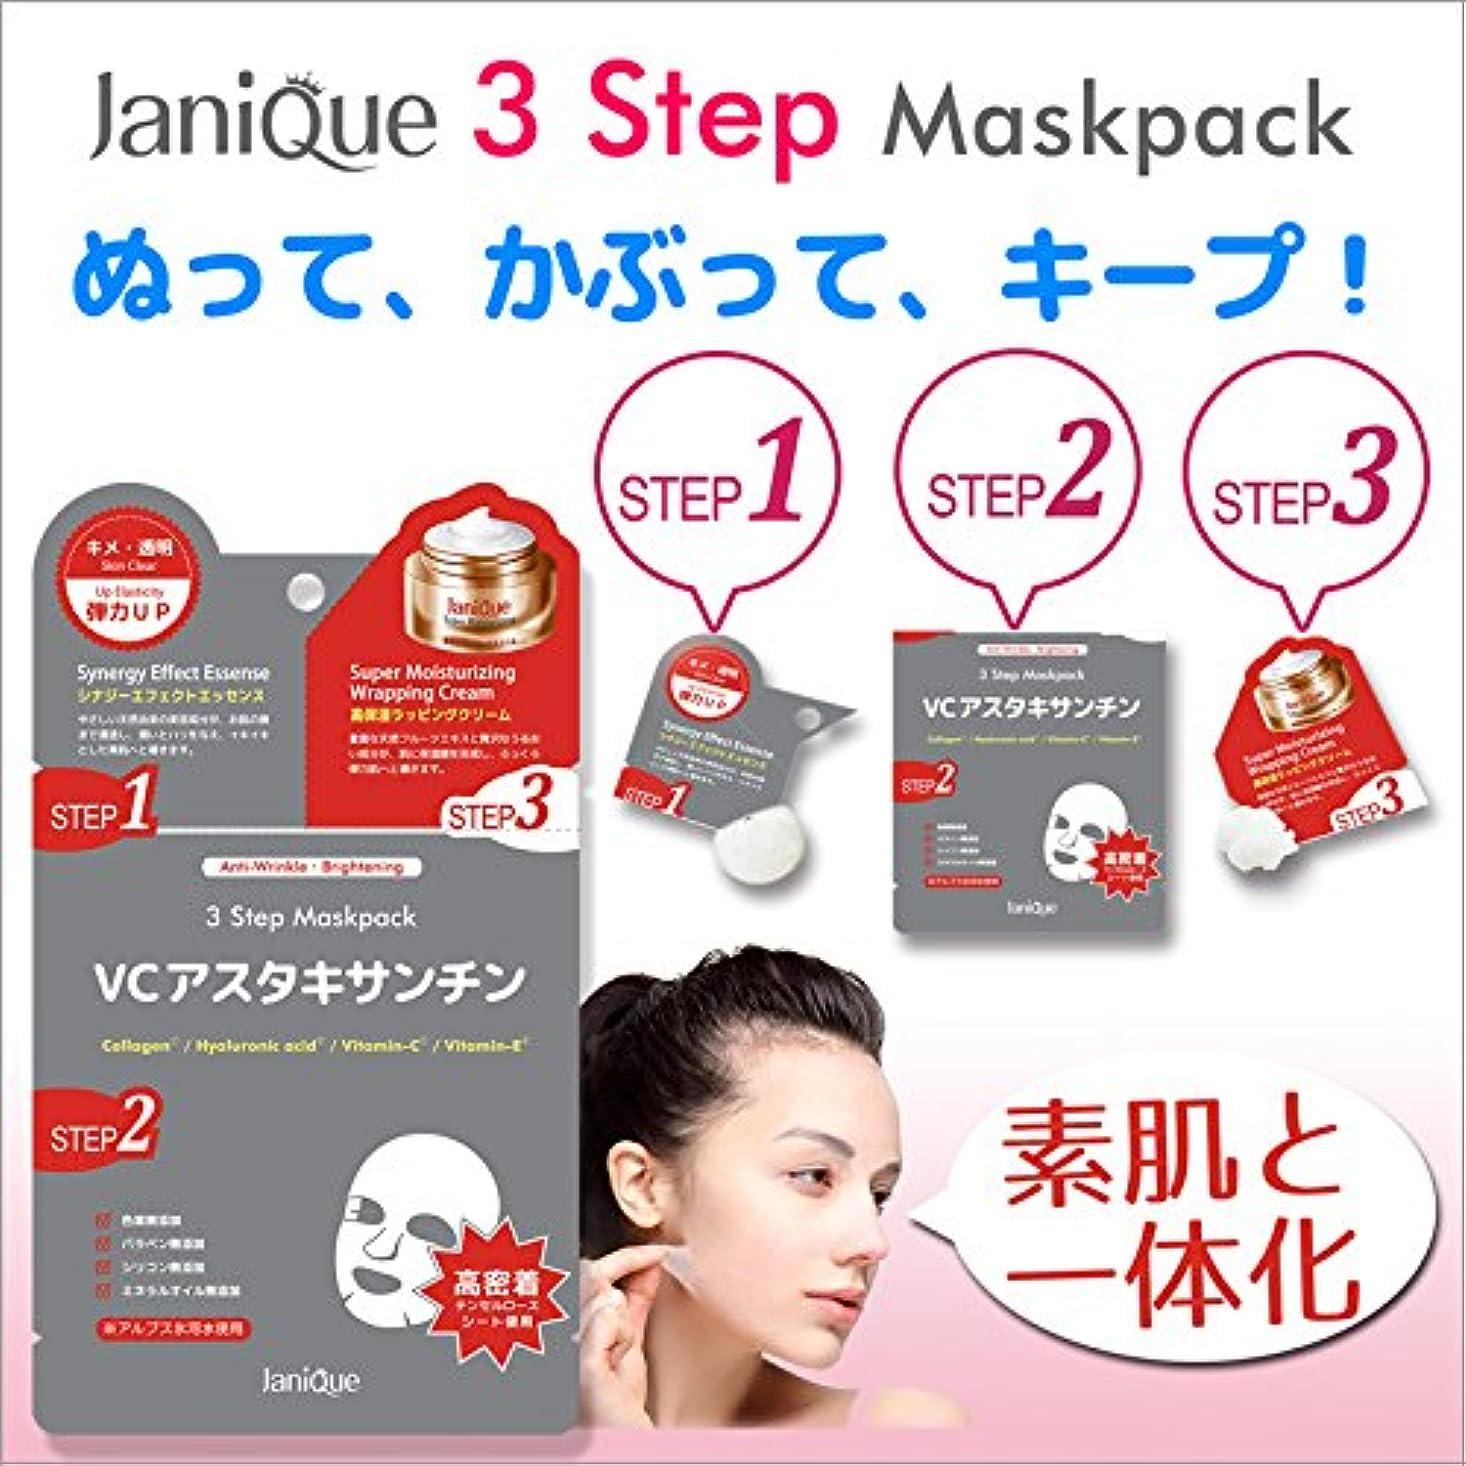 外向き影響力のある集めるJanique(ジャニーク)3ステップマスクパック?VCアスタキサンチン(全3種